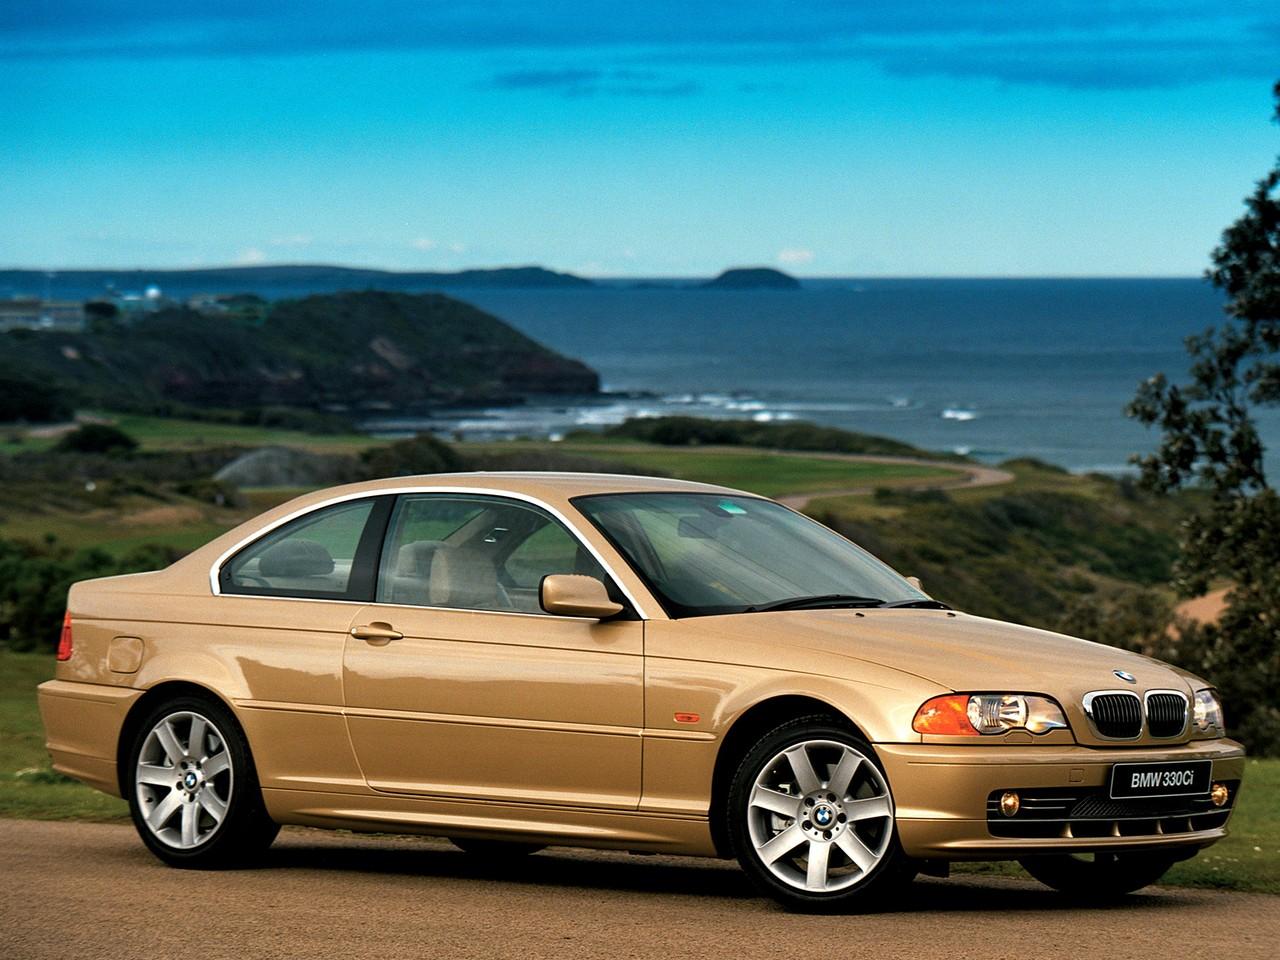 Coupe Series 2004 bmw 330ci specs BMW E46 3-Series Coupe Review: 320Ci, 325Ci, 330Ci